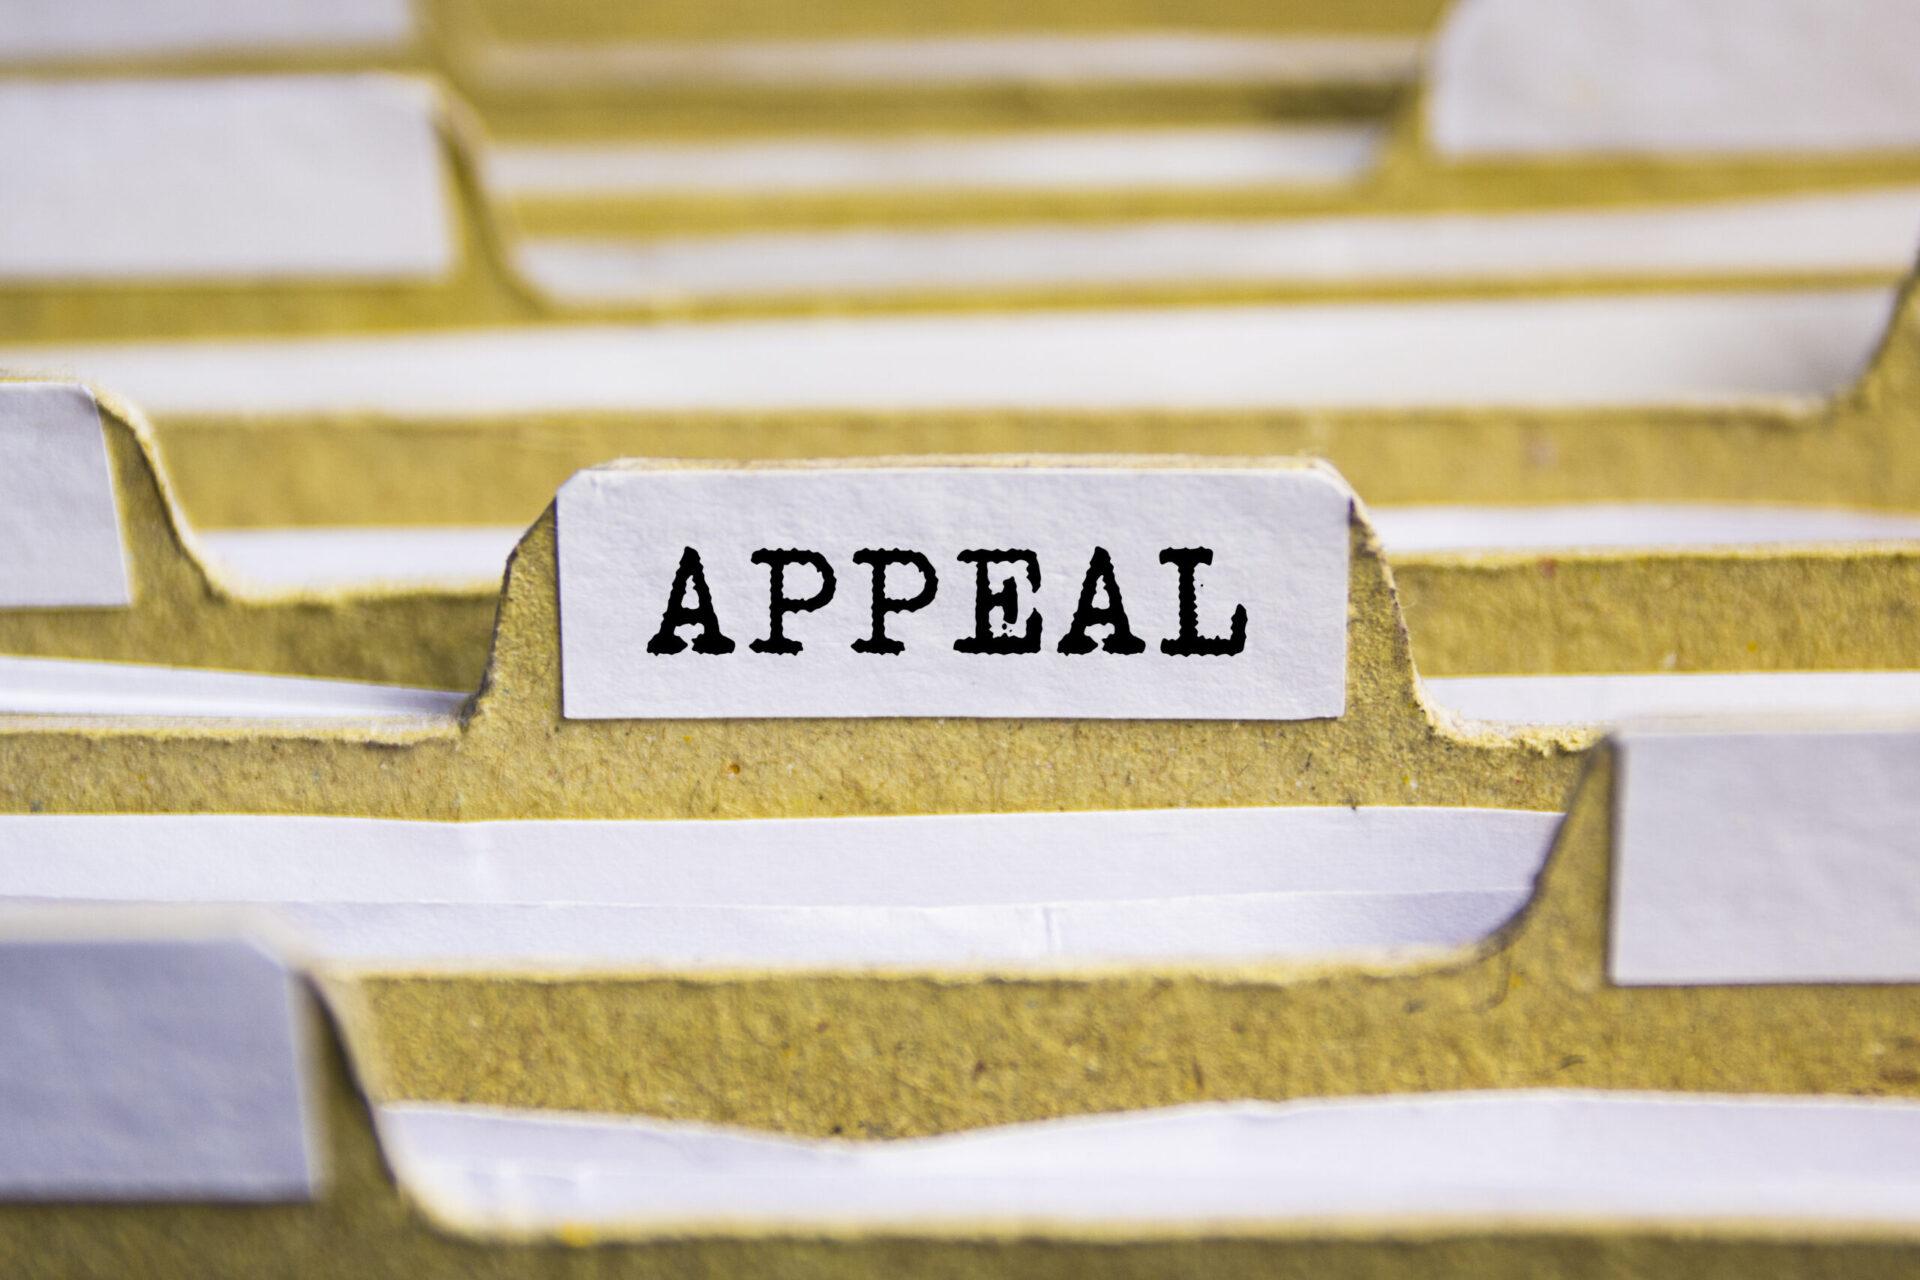 kallas 2255 appeal